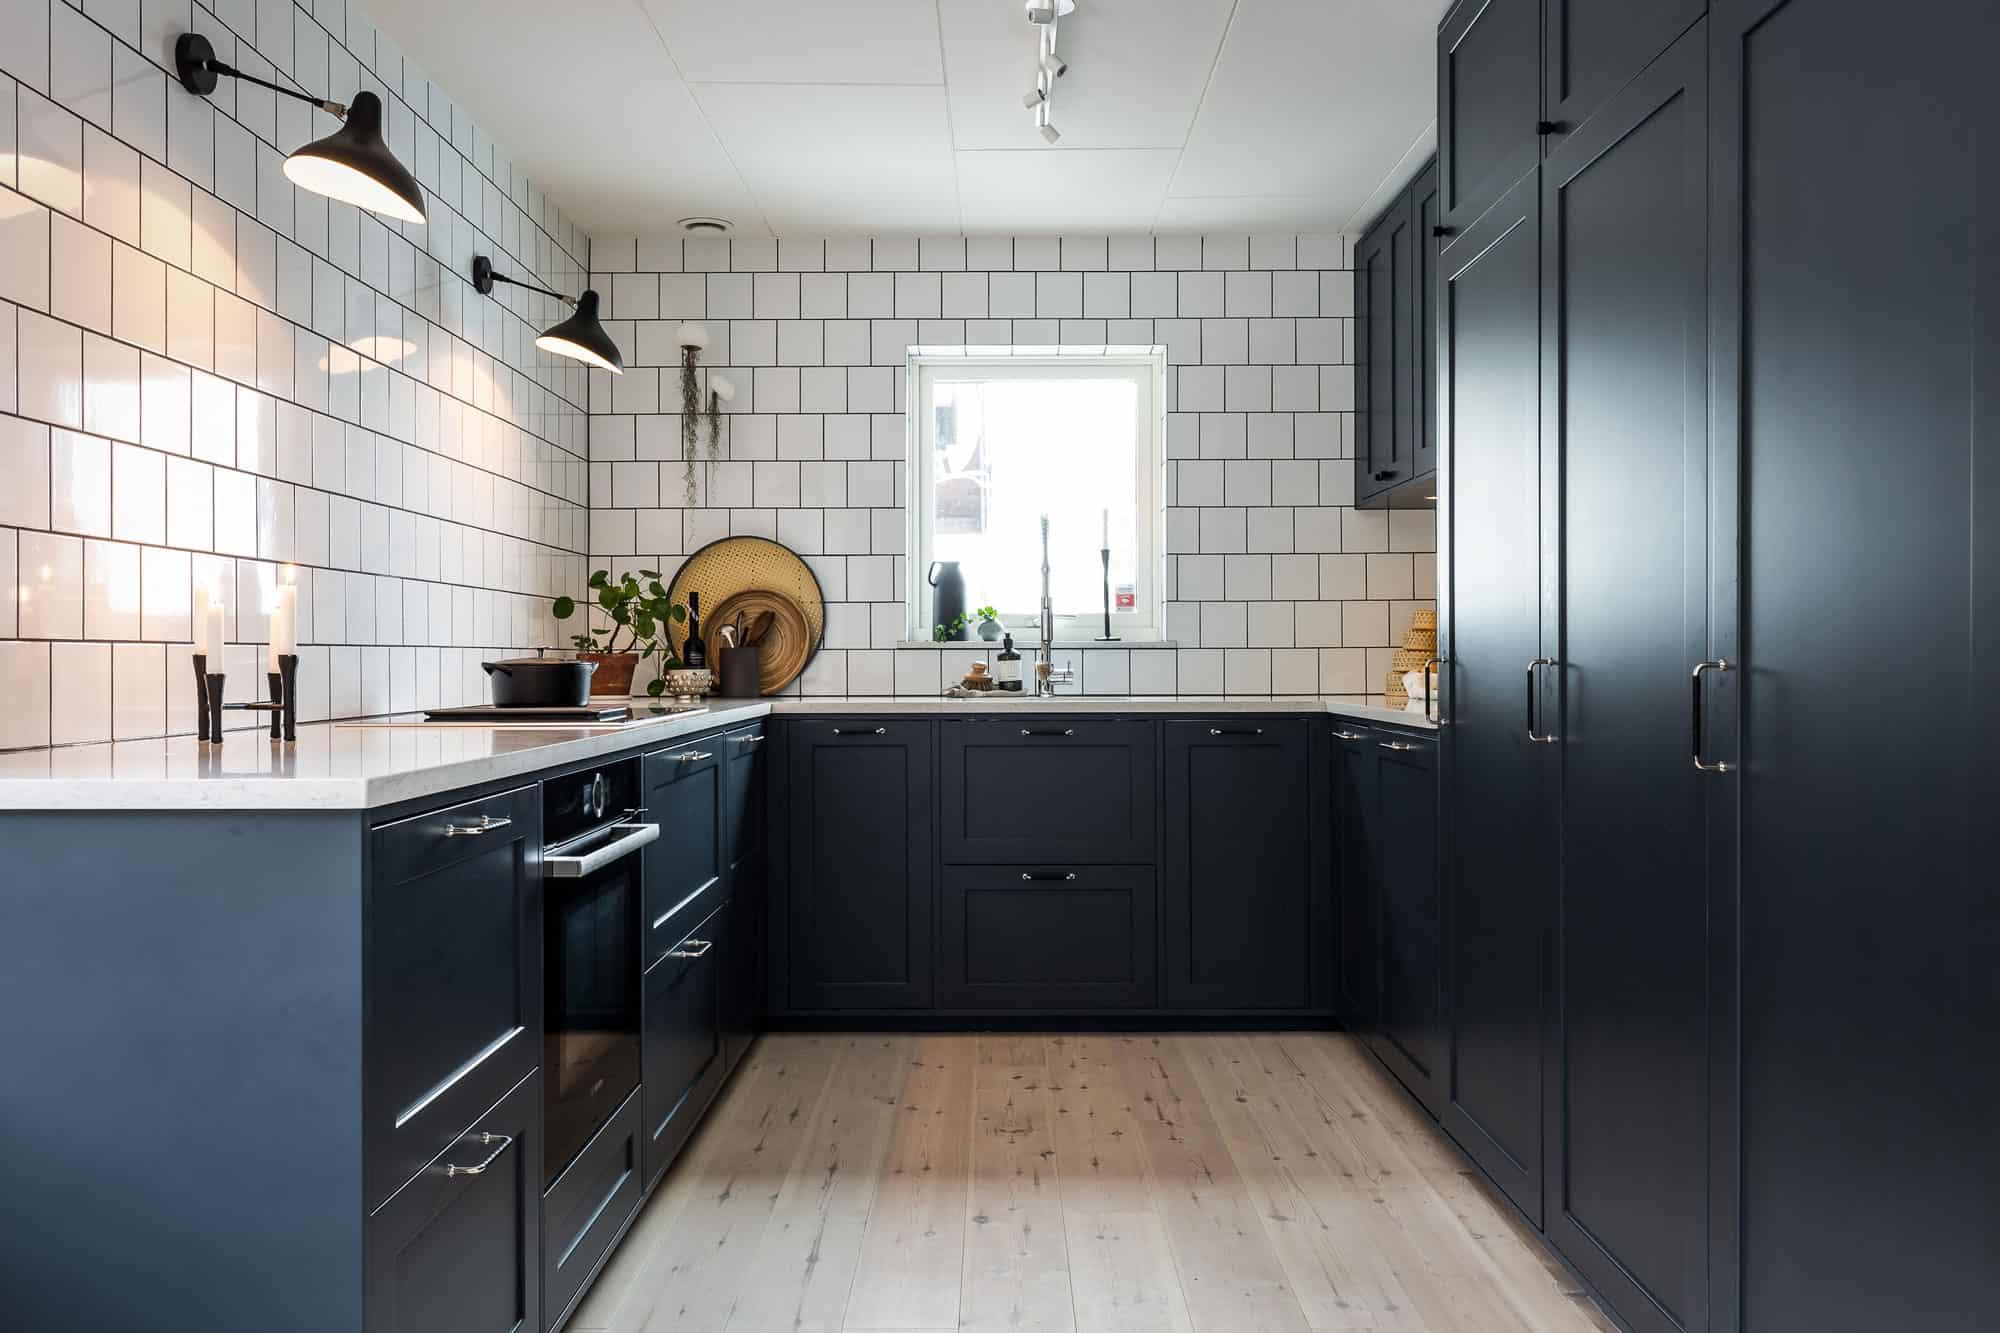 Före & efter: Stora köksrenoveringen